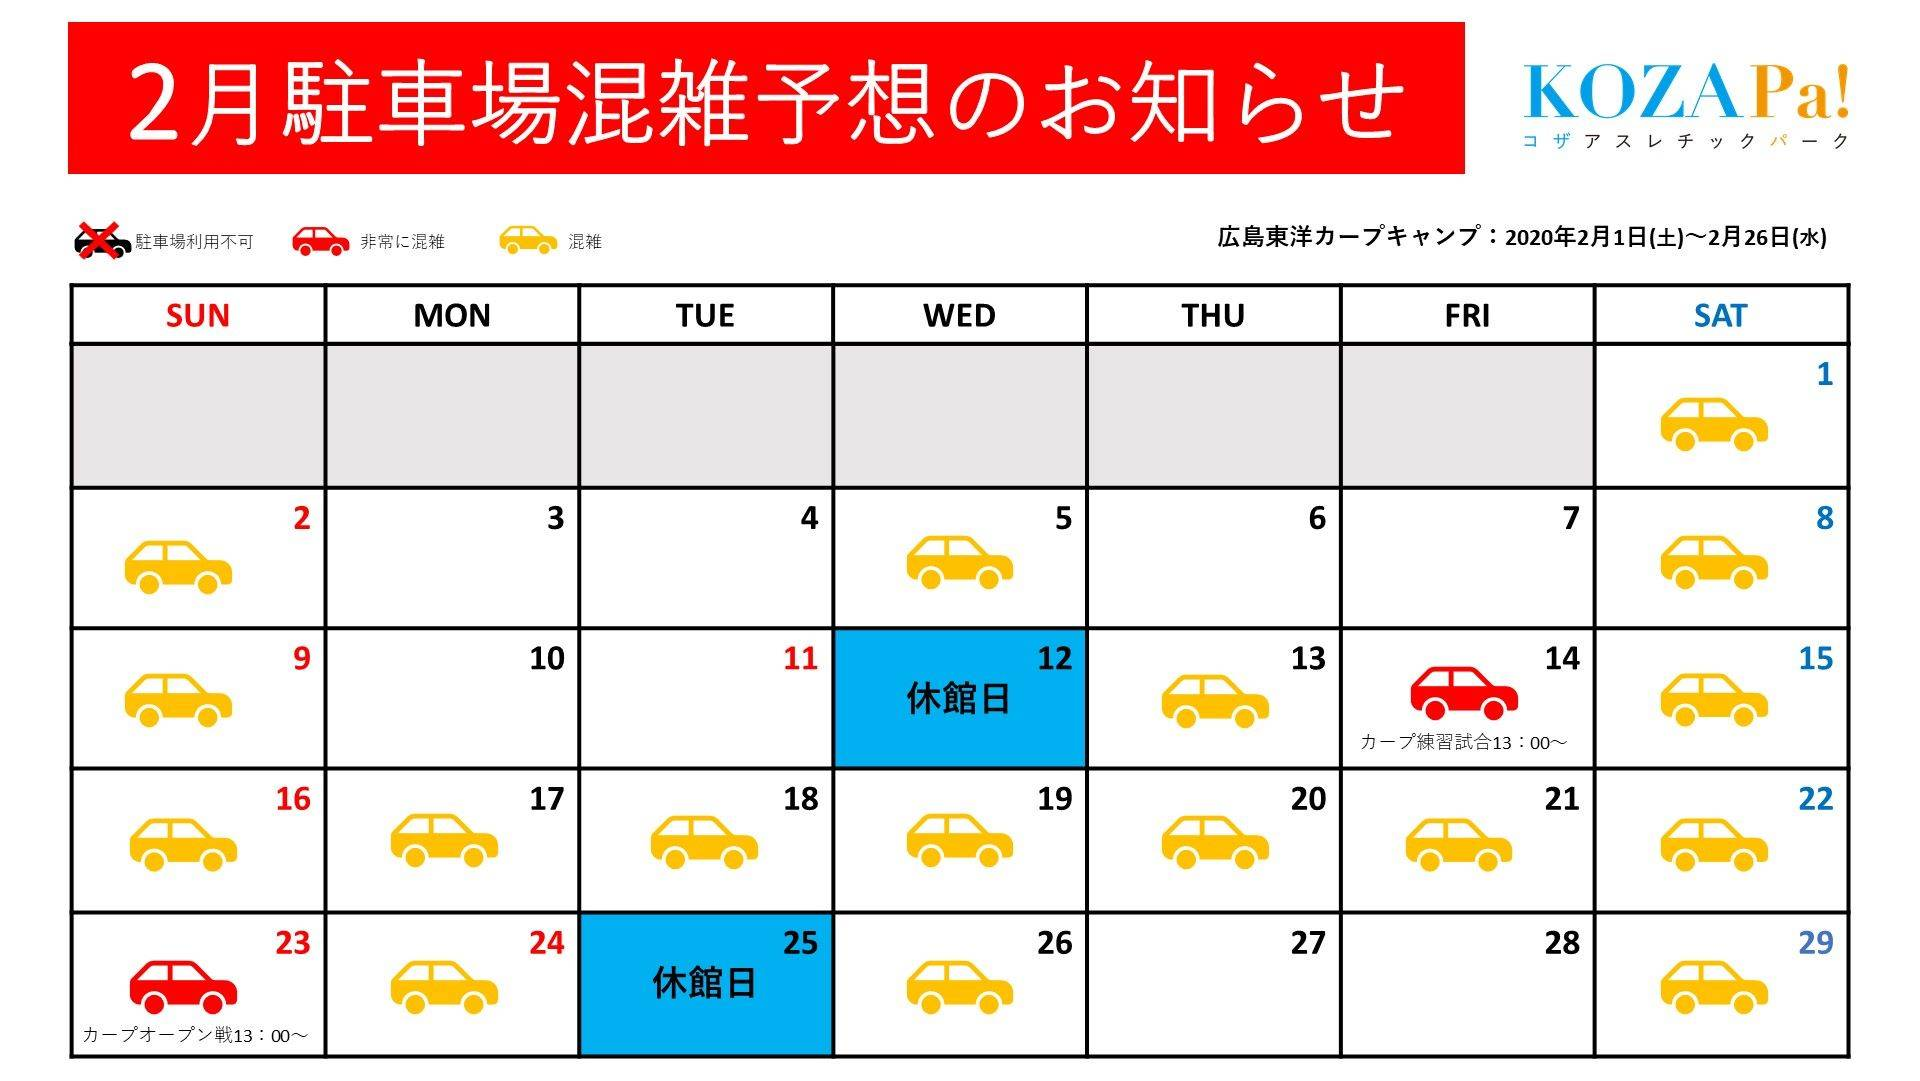 2月駐車場混雑状況について